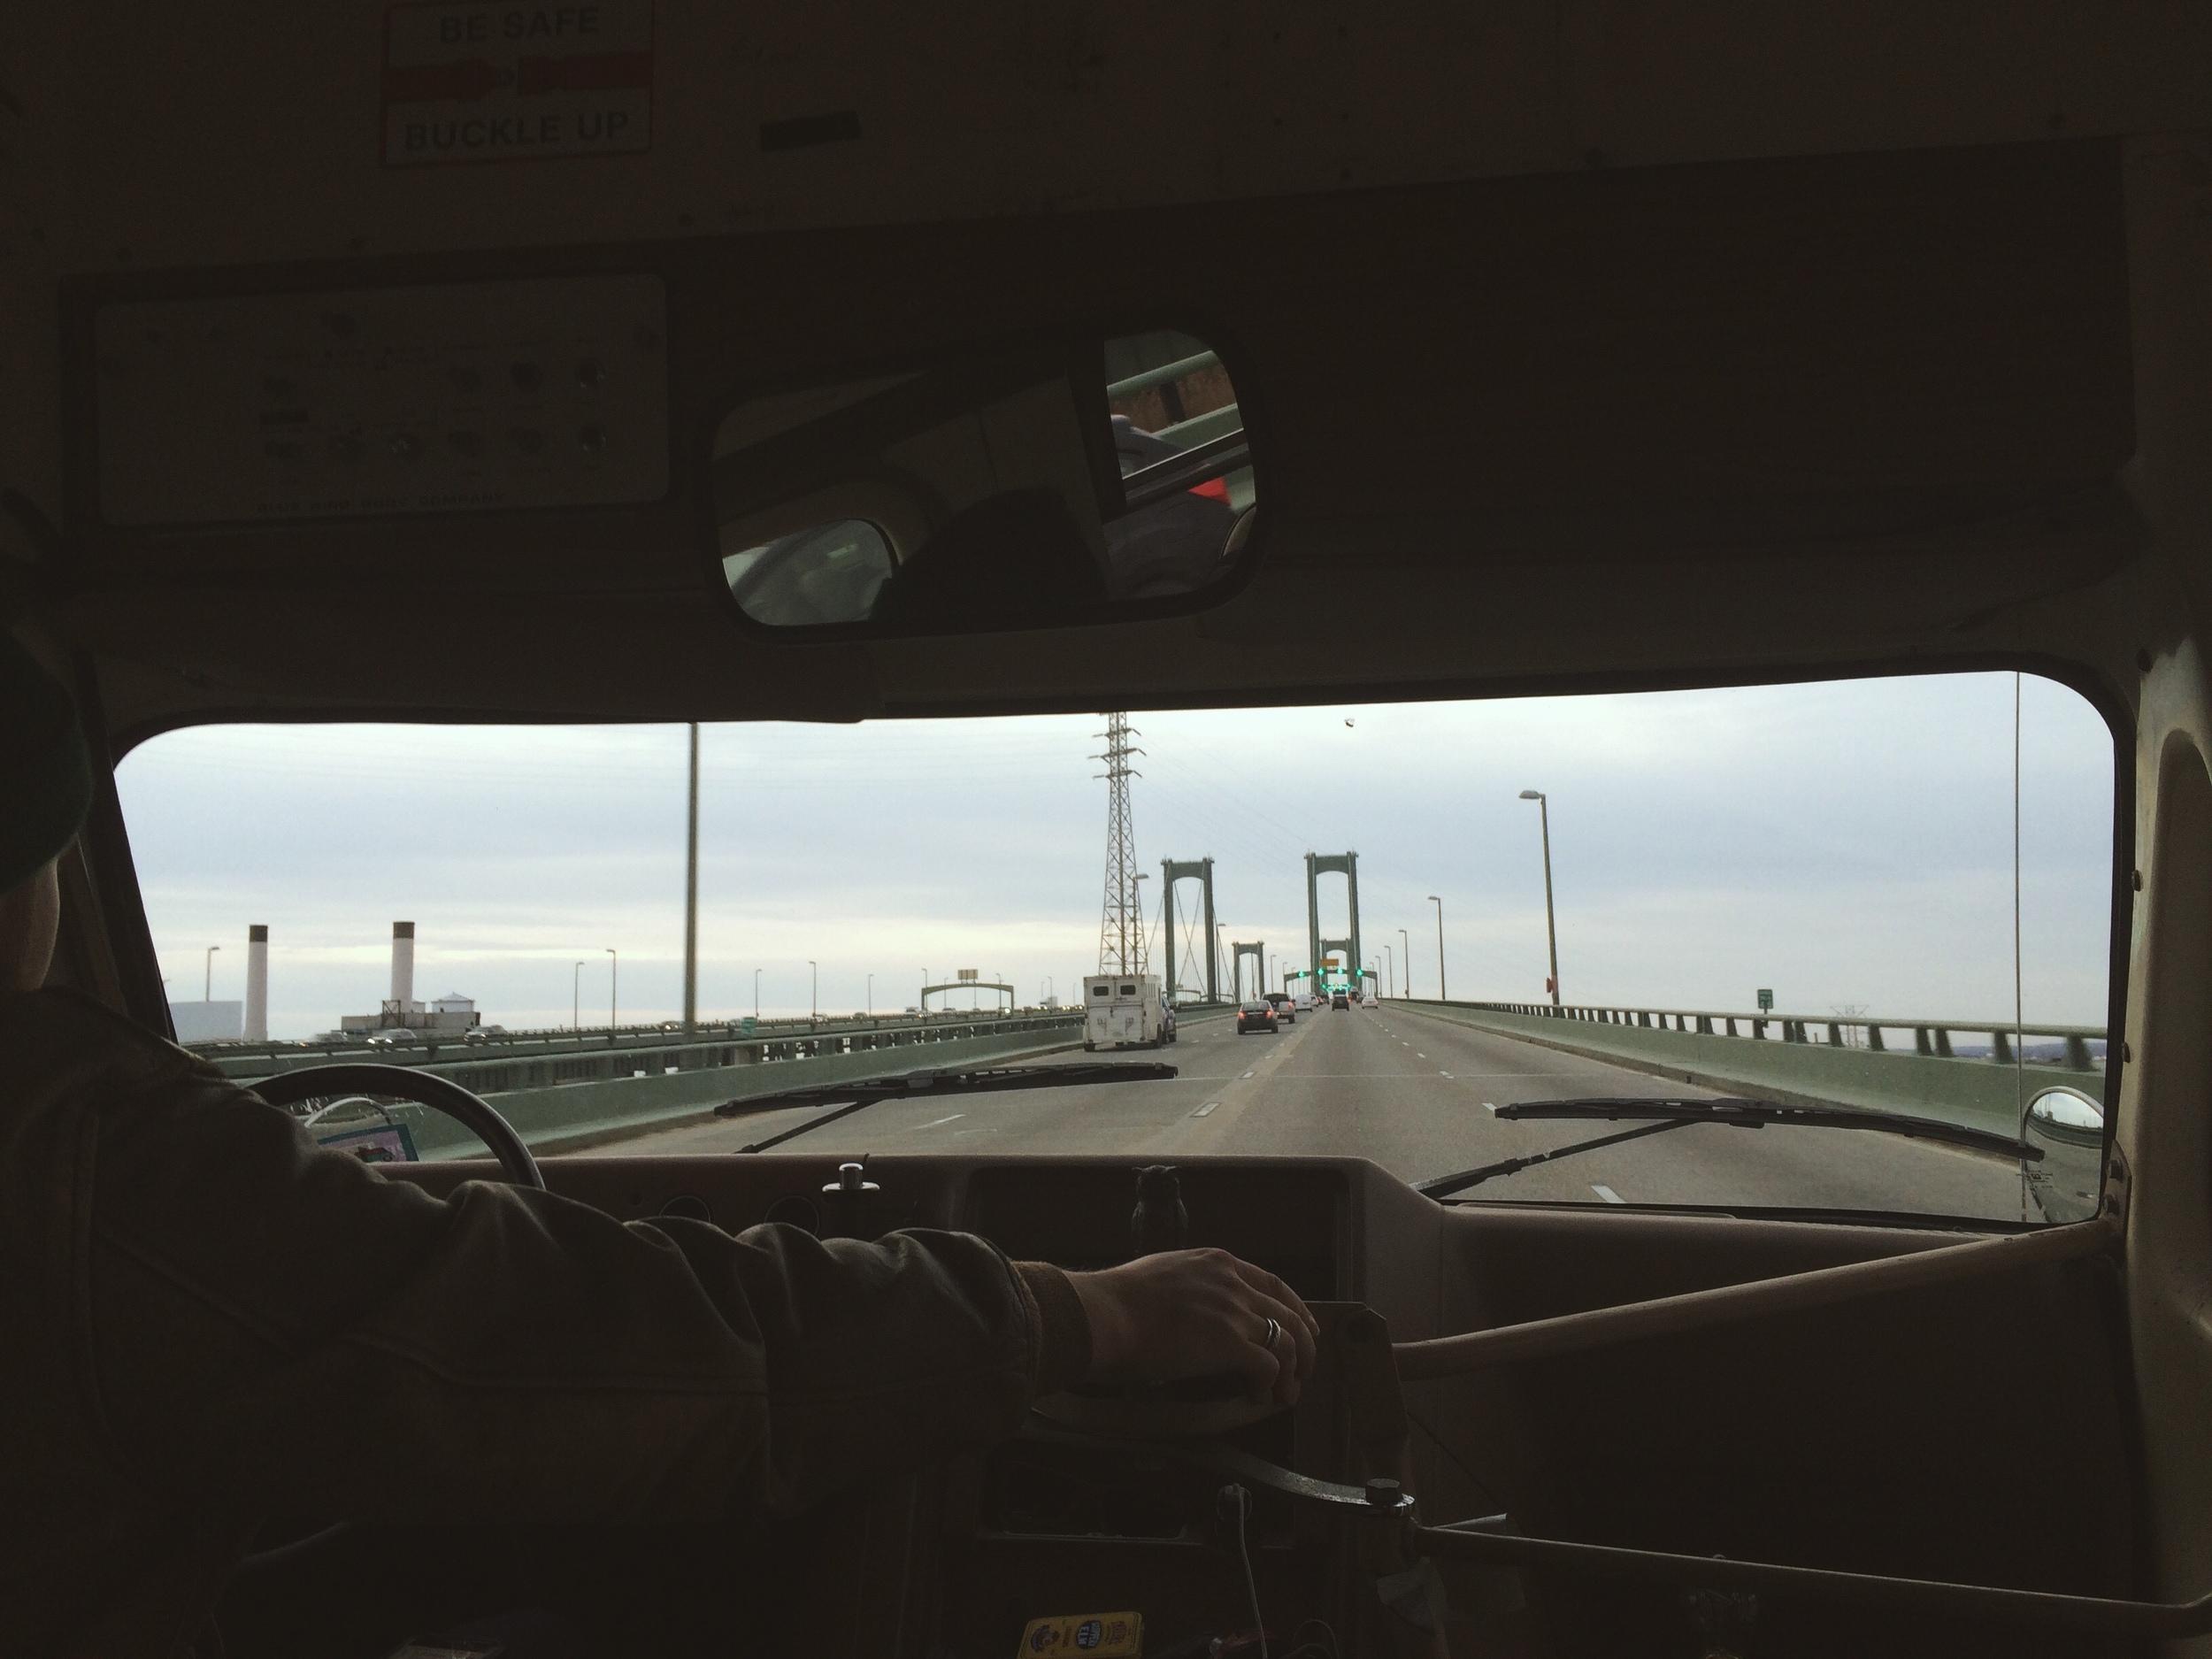 2.19.16 - Bluebird on a Bridge - En route to Baltimore.